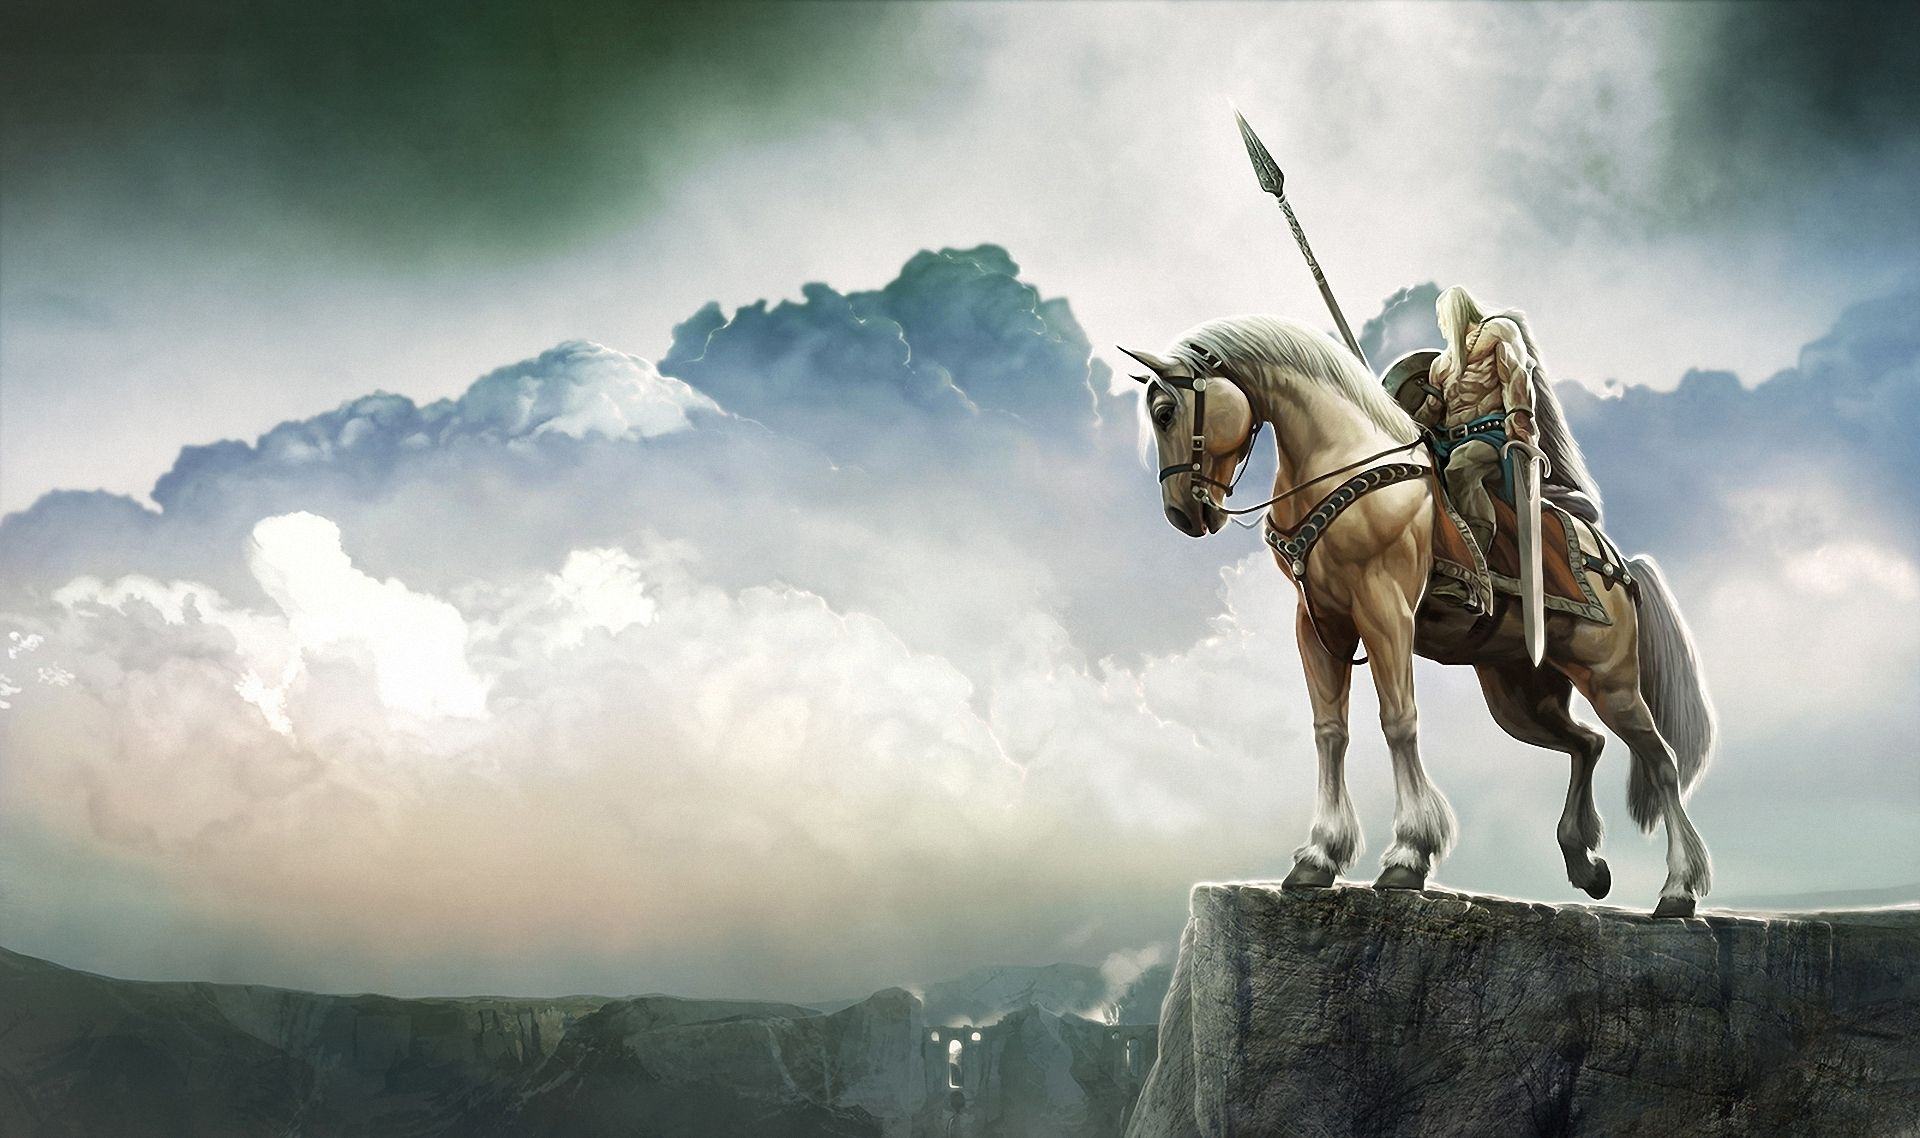 Top Wallpaper Horse Warrior - 4a1f266f0c1068d023b8fc25ff6174fd  Image_108171.jpg